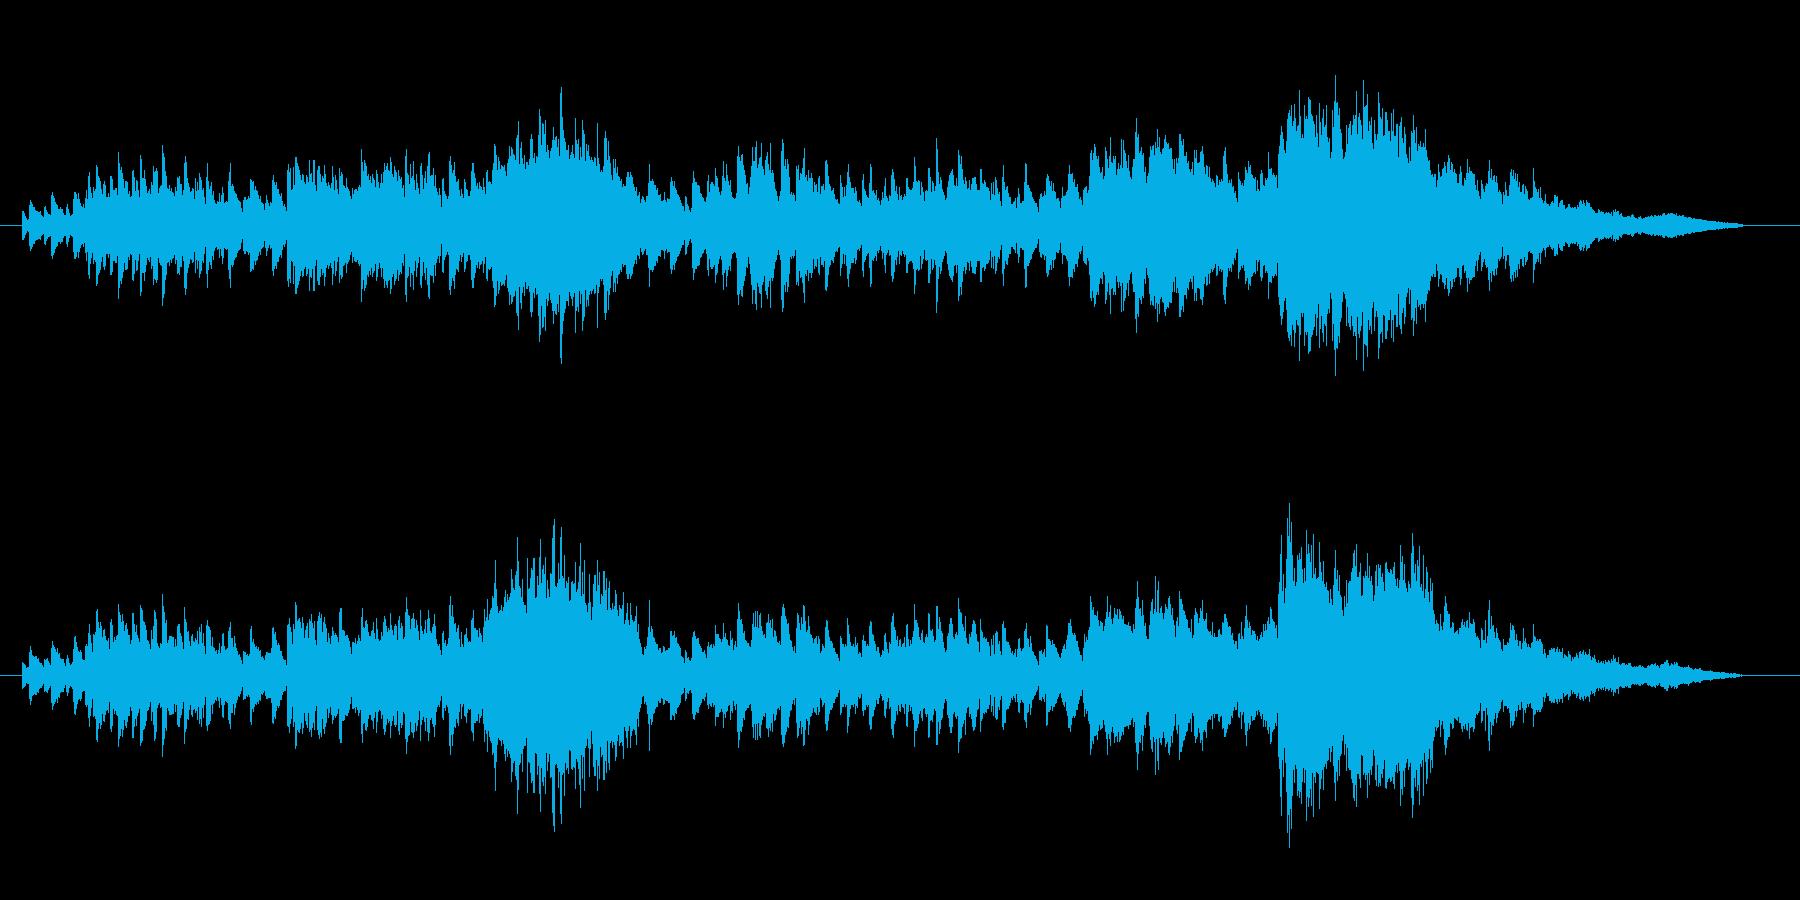 シリアスな雰囲気に合うスローで静かな楽…の再生済みの波形